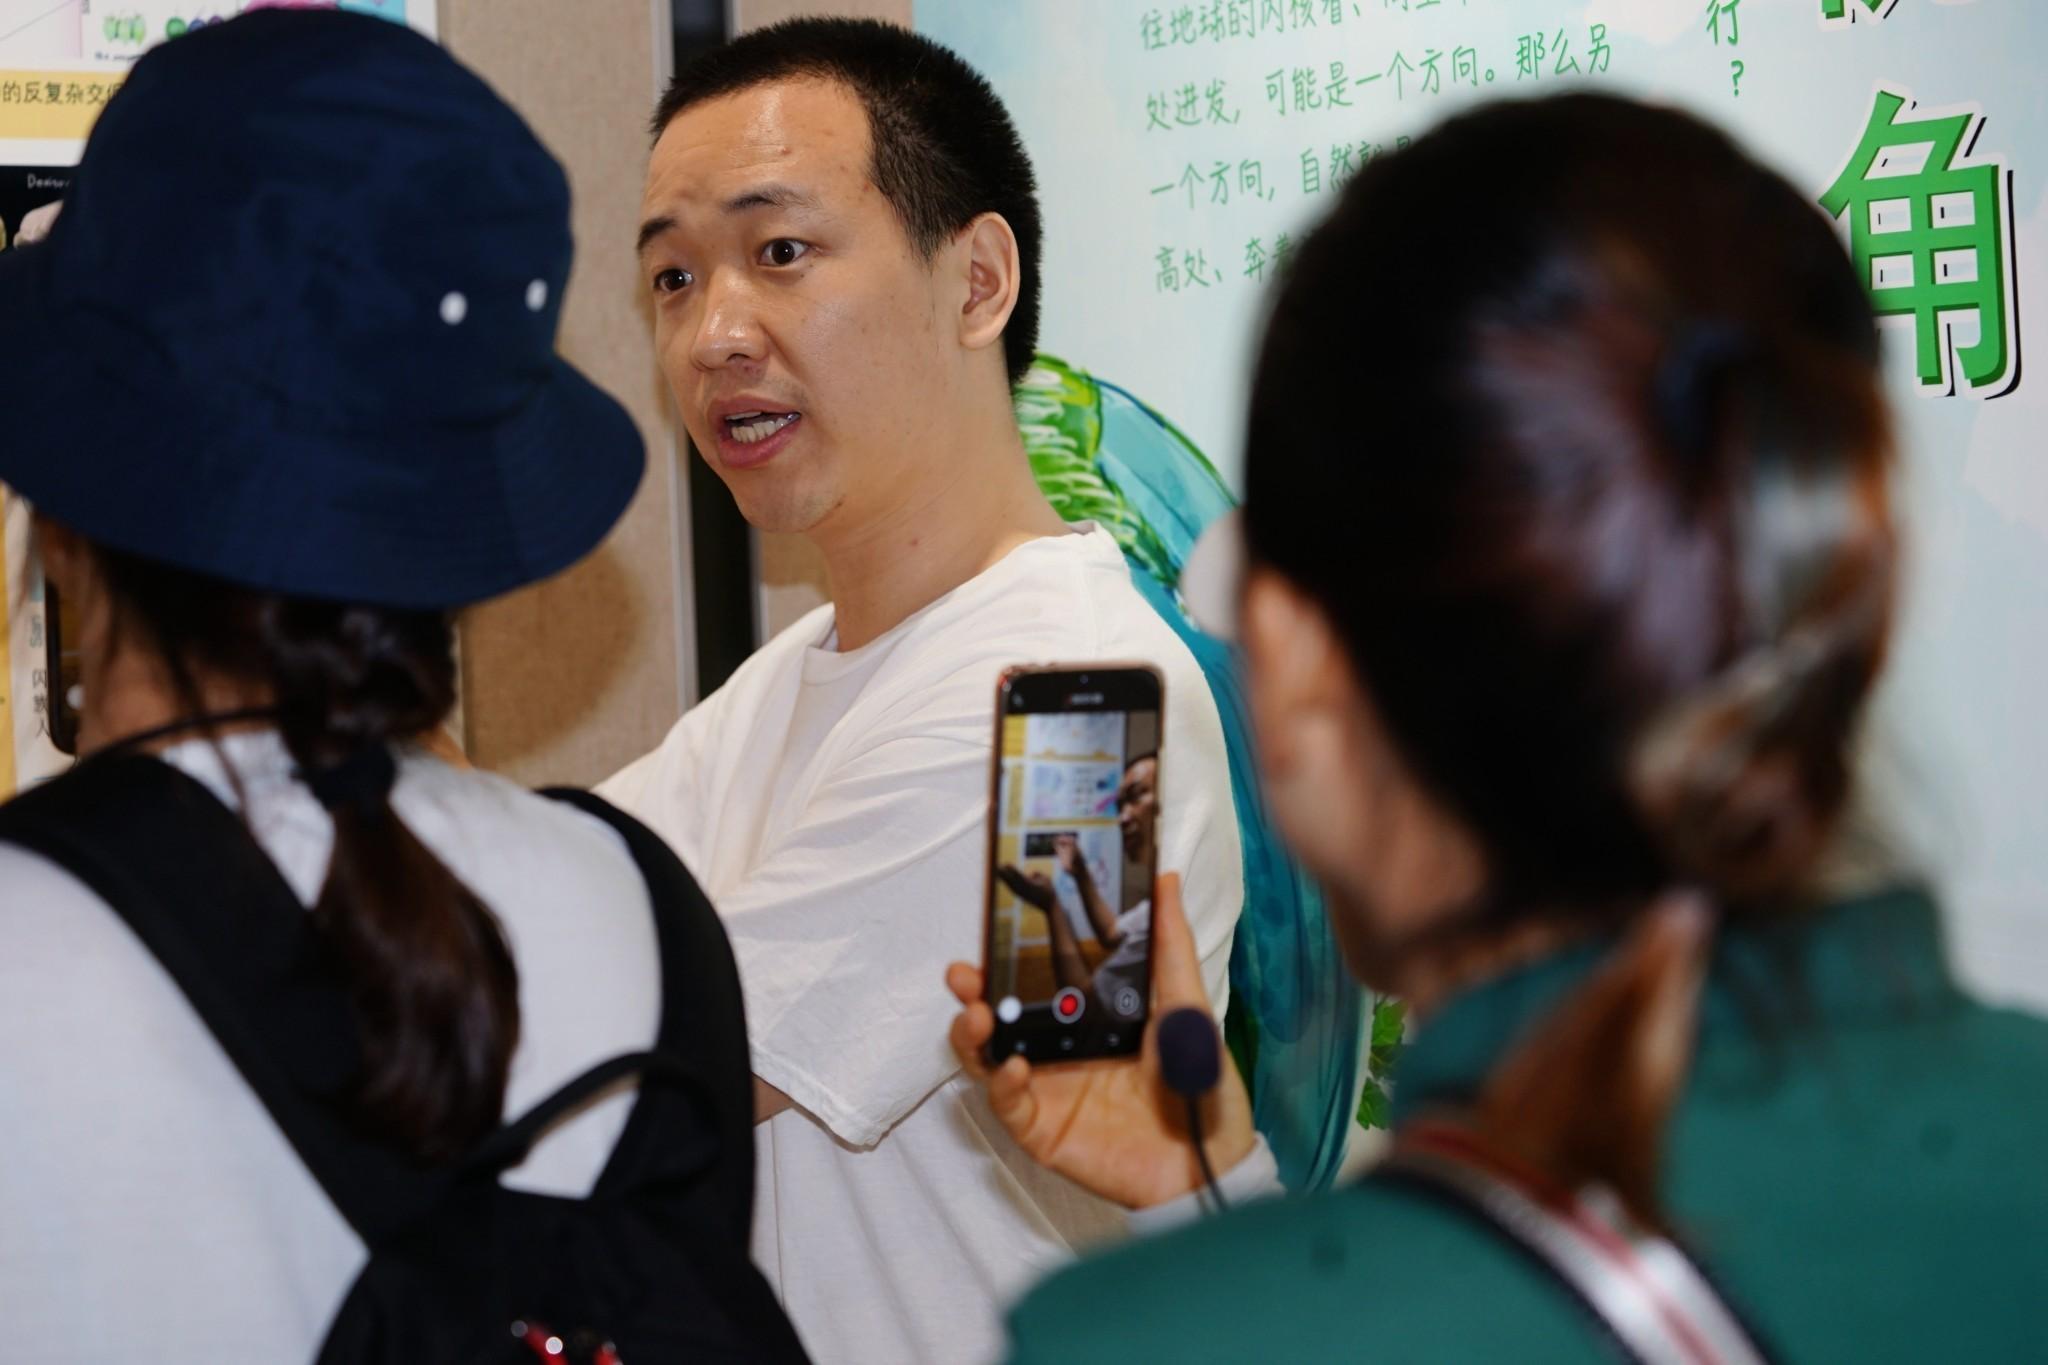 23日的科学节现场,科研人员为参观人员解说(玉最东 摄)